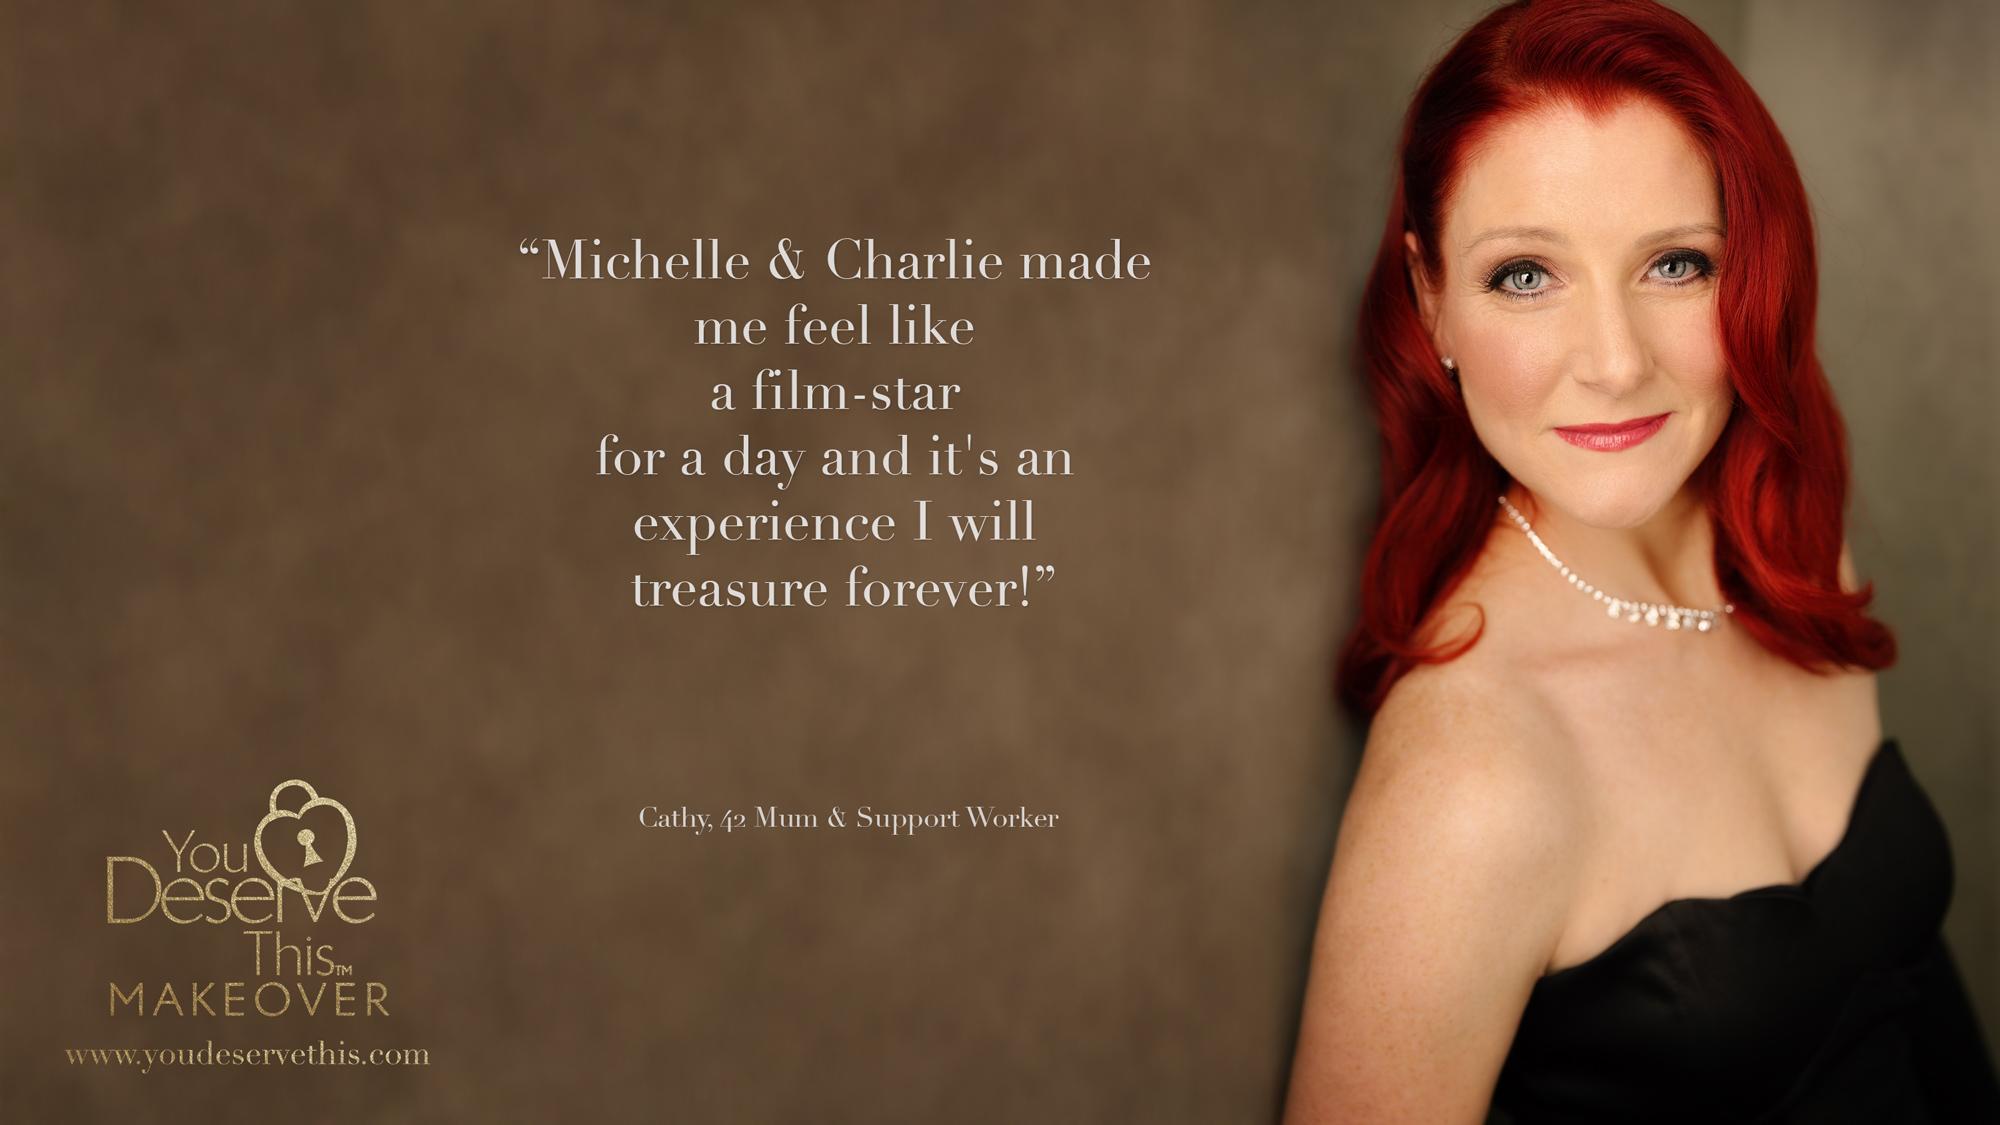 I felt like a film-star for a day and it's an experience I will treasure forever!  www.youdeservethis.com